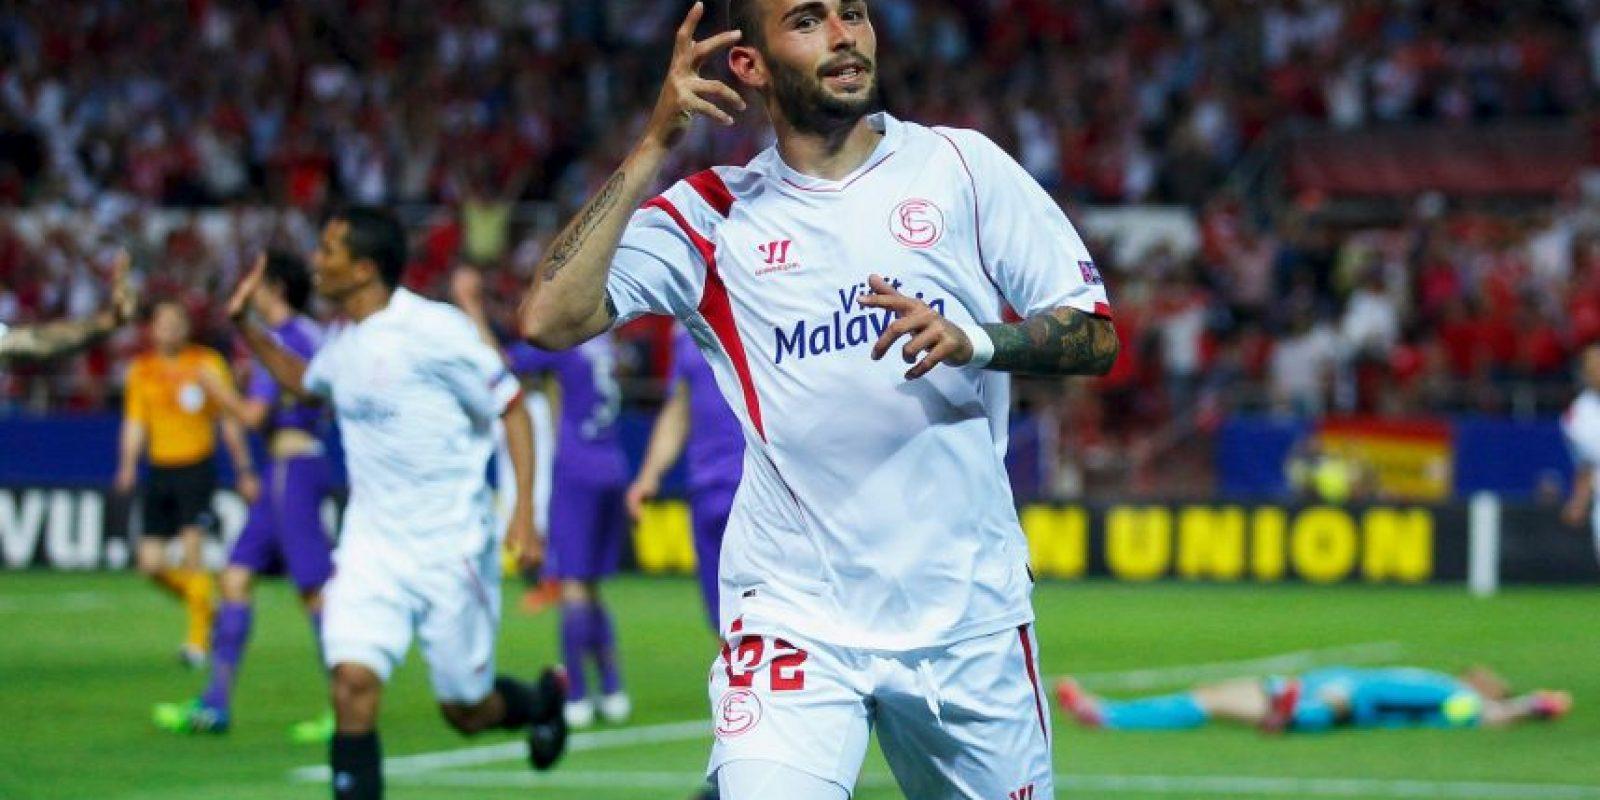 Y convertirse en el primer equipo que gana la Europa League en cuatro ocasiones Foto:Getty Images